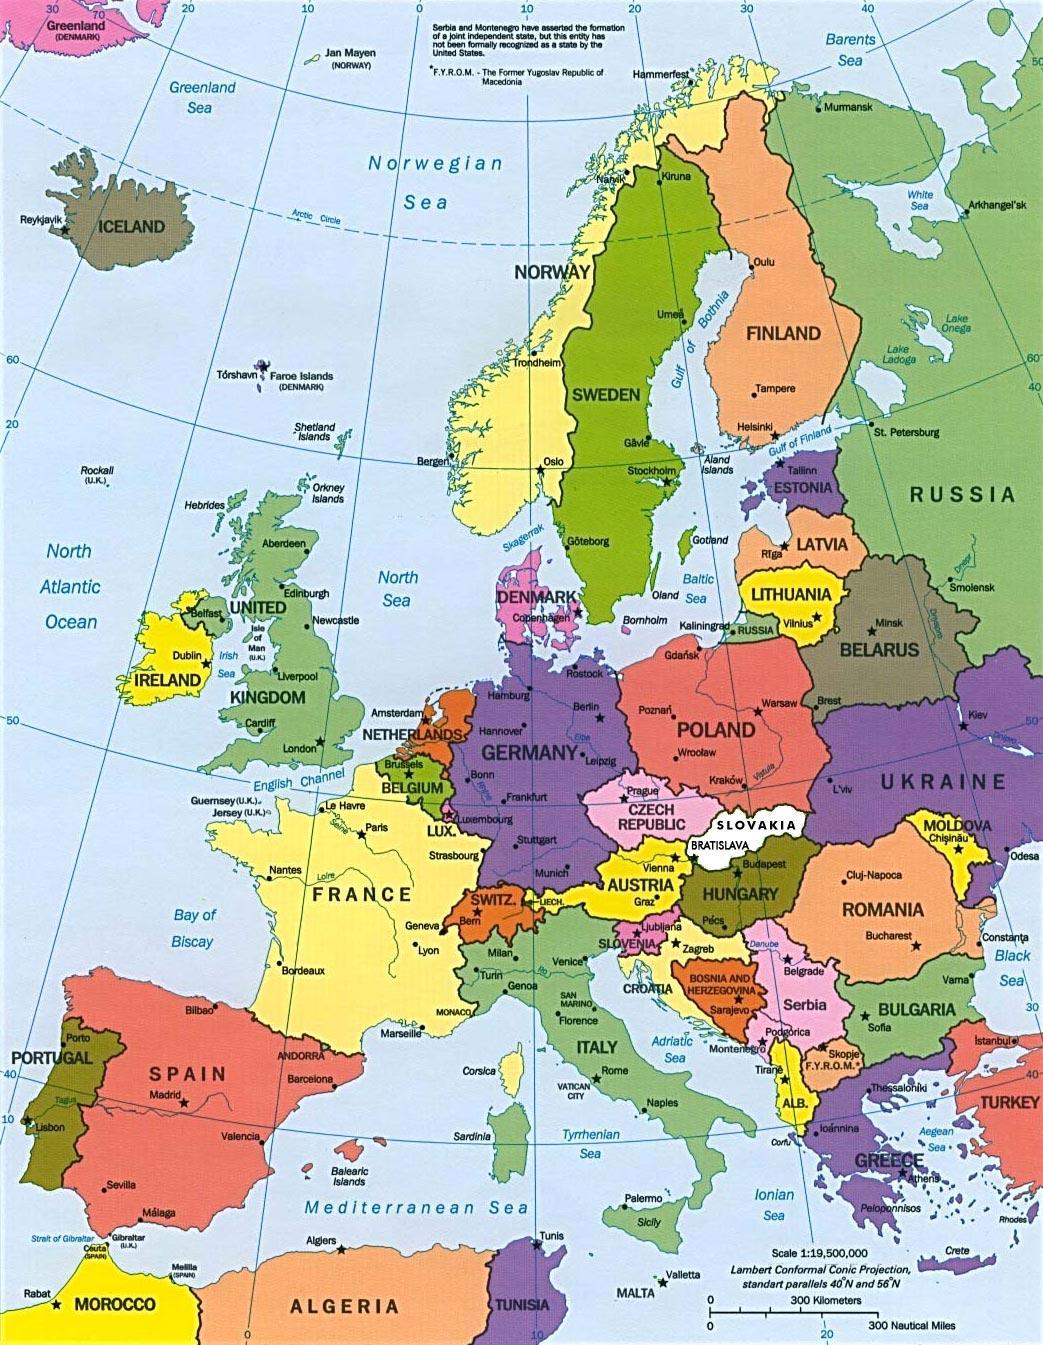 http://1.bp.blogspot.com/-lFIYJFW5A30/TbkWkJOehAI/AAAAAAAAAO4/o_1EnRAXJ-I/s1600/mapa_europa[1].jpg